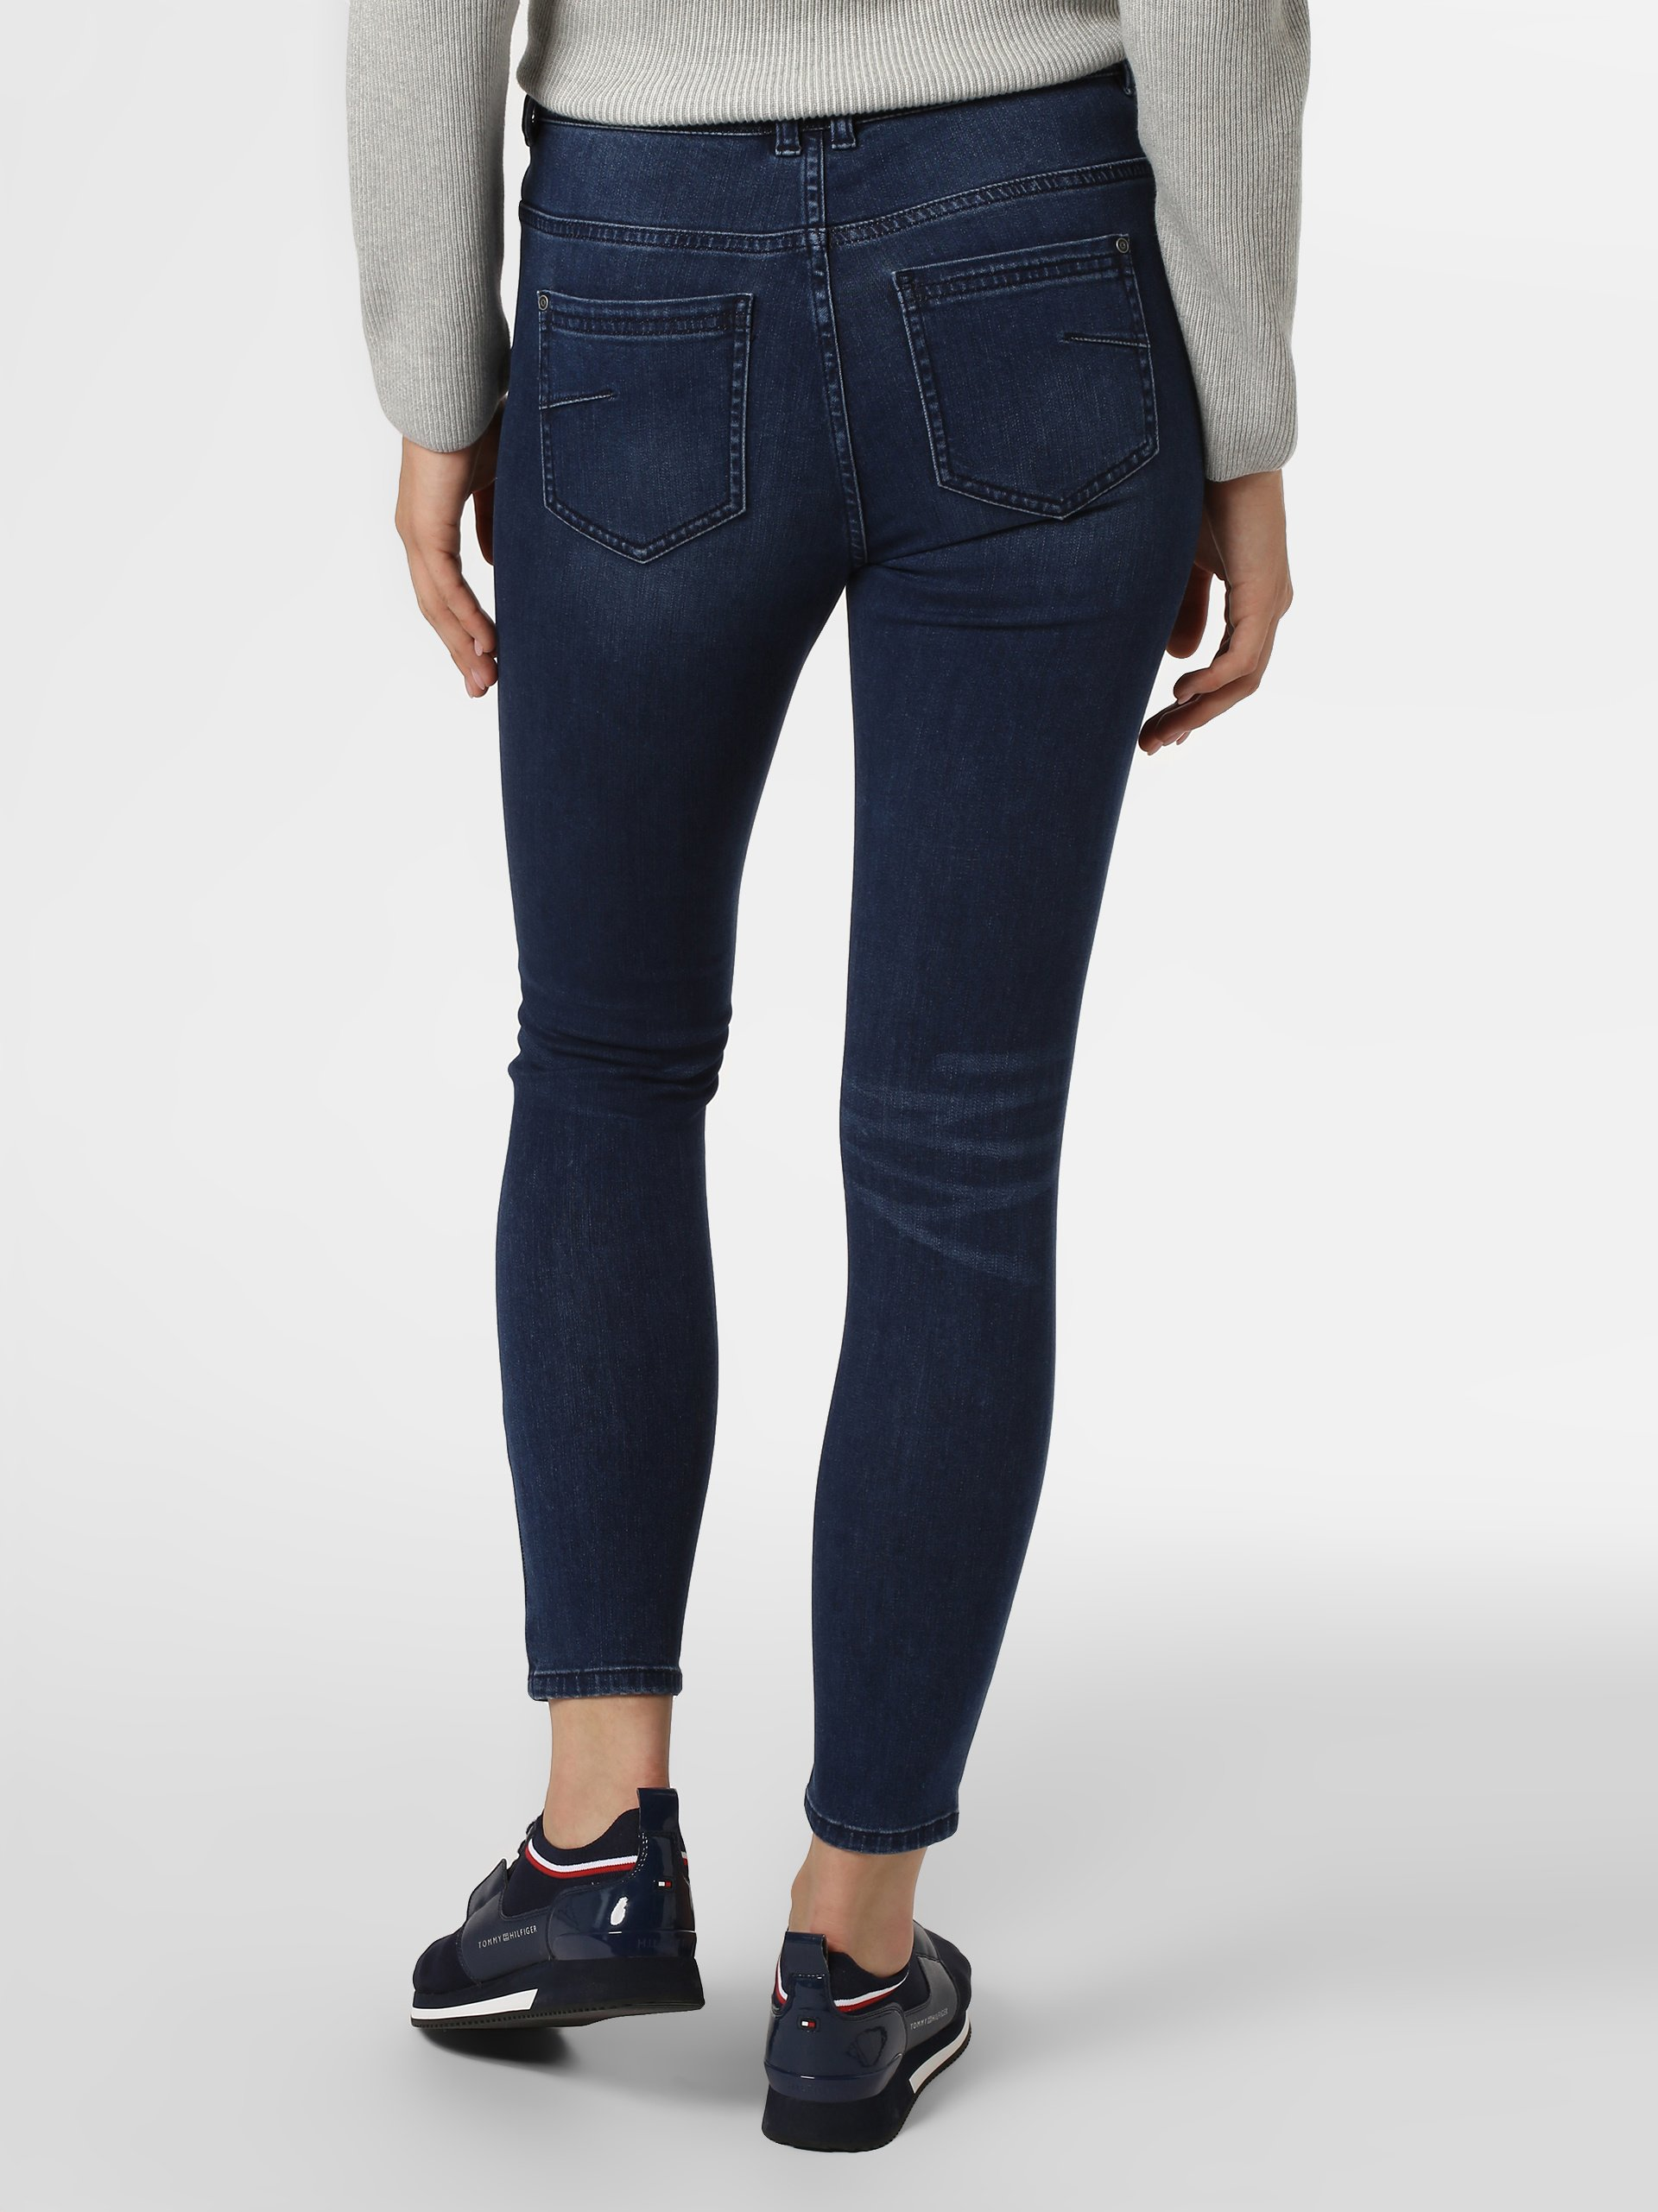 comma casual identity Damen Jeans - June